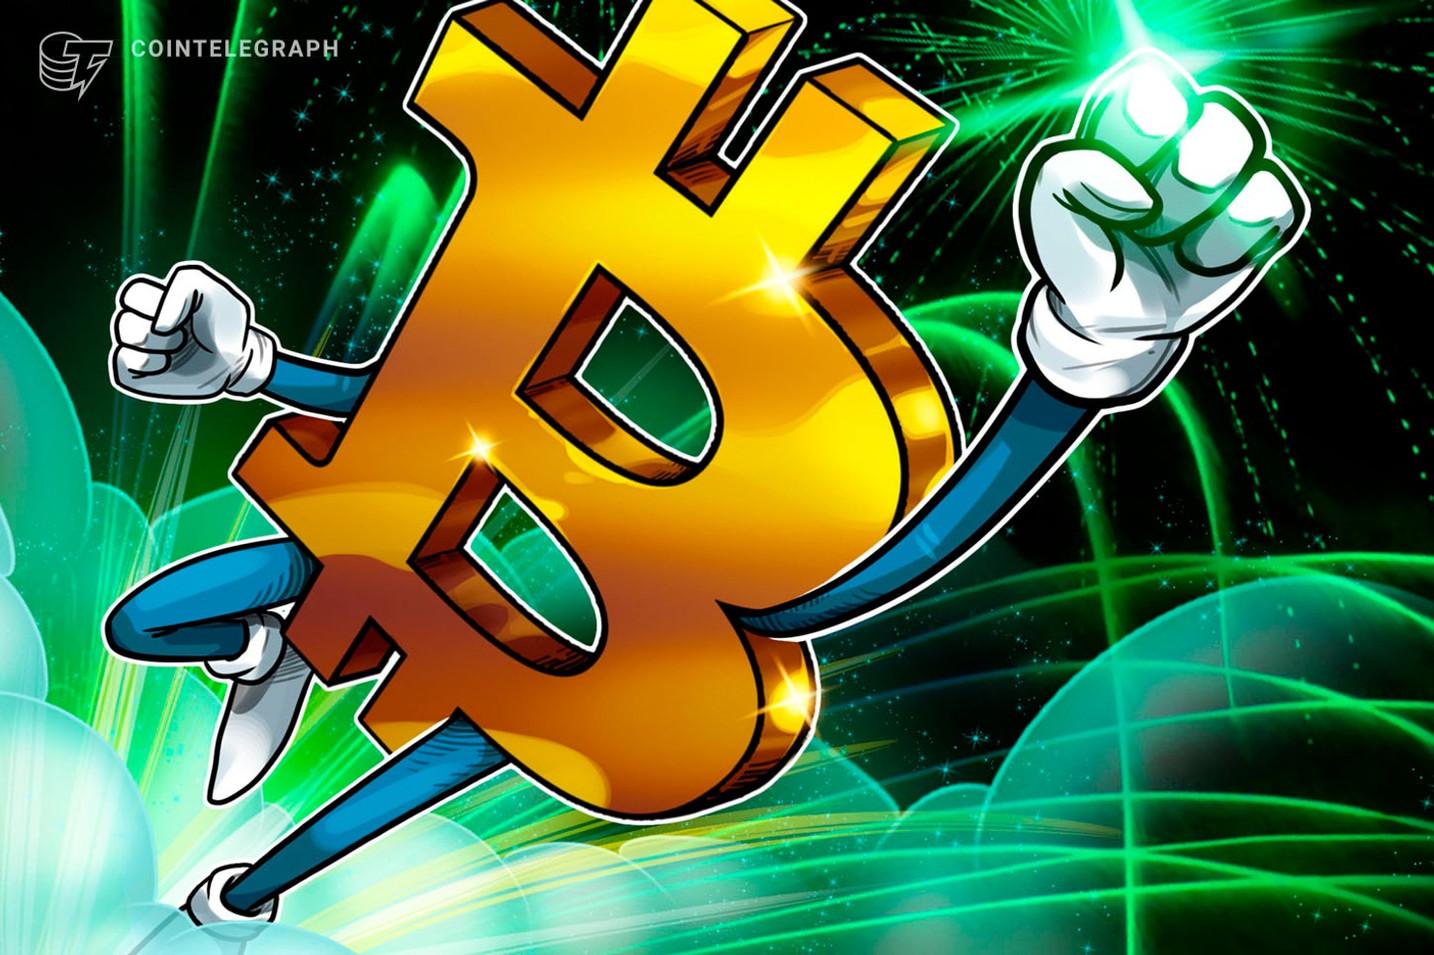 仮想通貨ビットコインのハッシュレート、7日間平均でも過去最高を更新【ニュース】